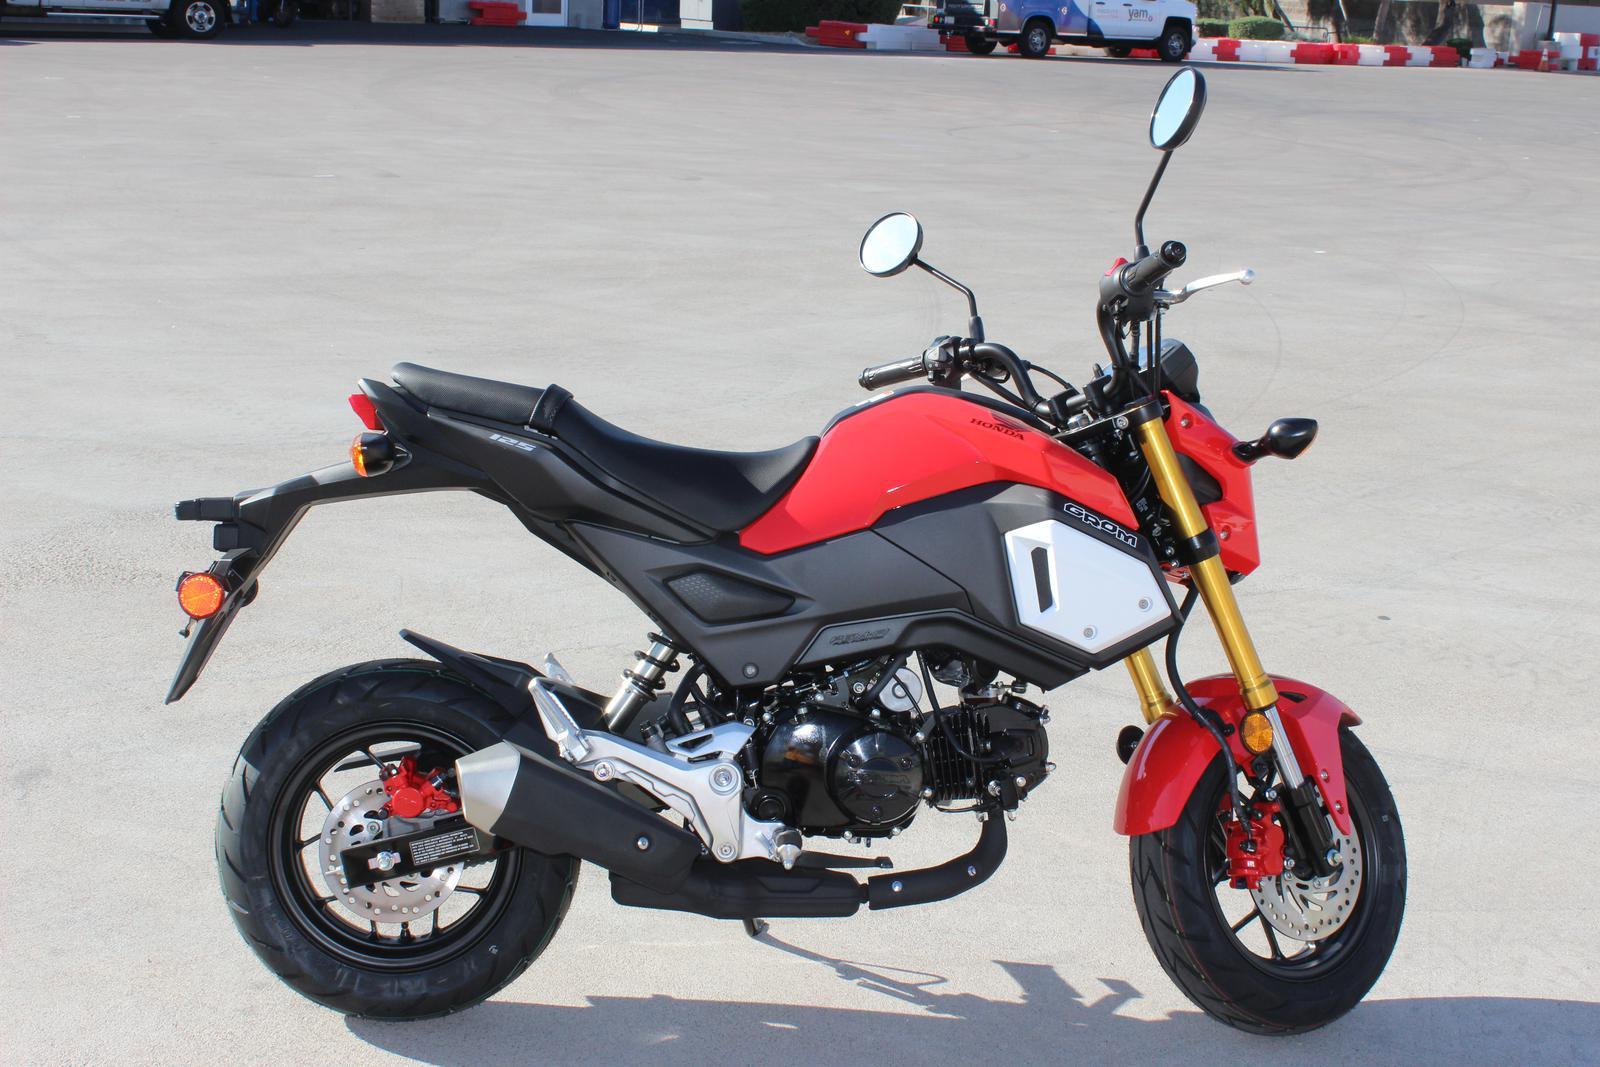 hight resolution of 2019 honda grom msx 125 for sale in scottsdale az go az motorcycles in scottsdale 480 609 1800